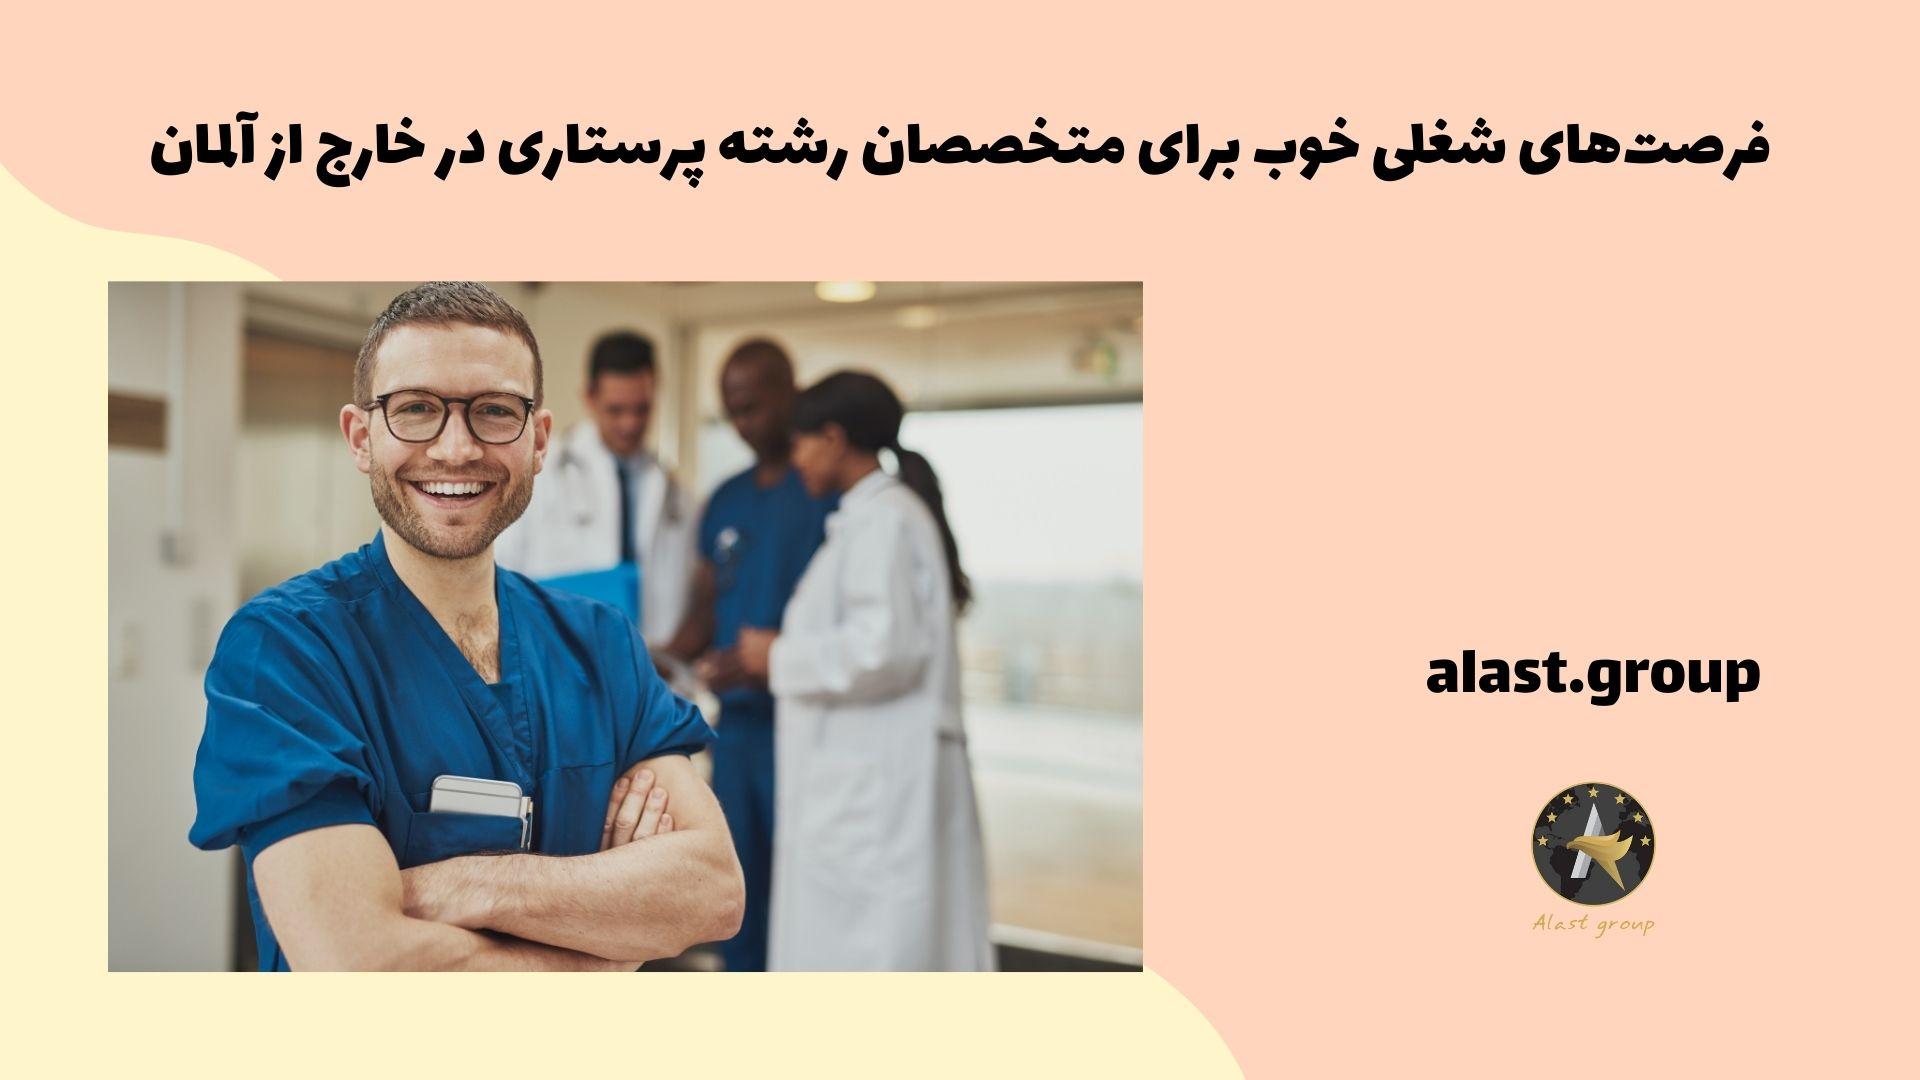 فرصتهای شغلی خوب برای متخصصان رشته پرستاری در خارج از آلمان